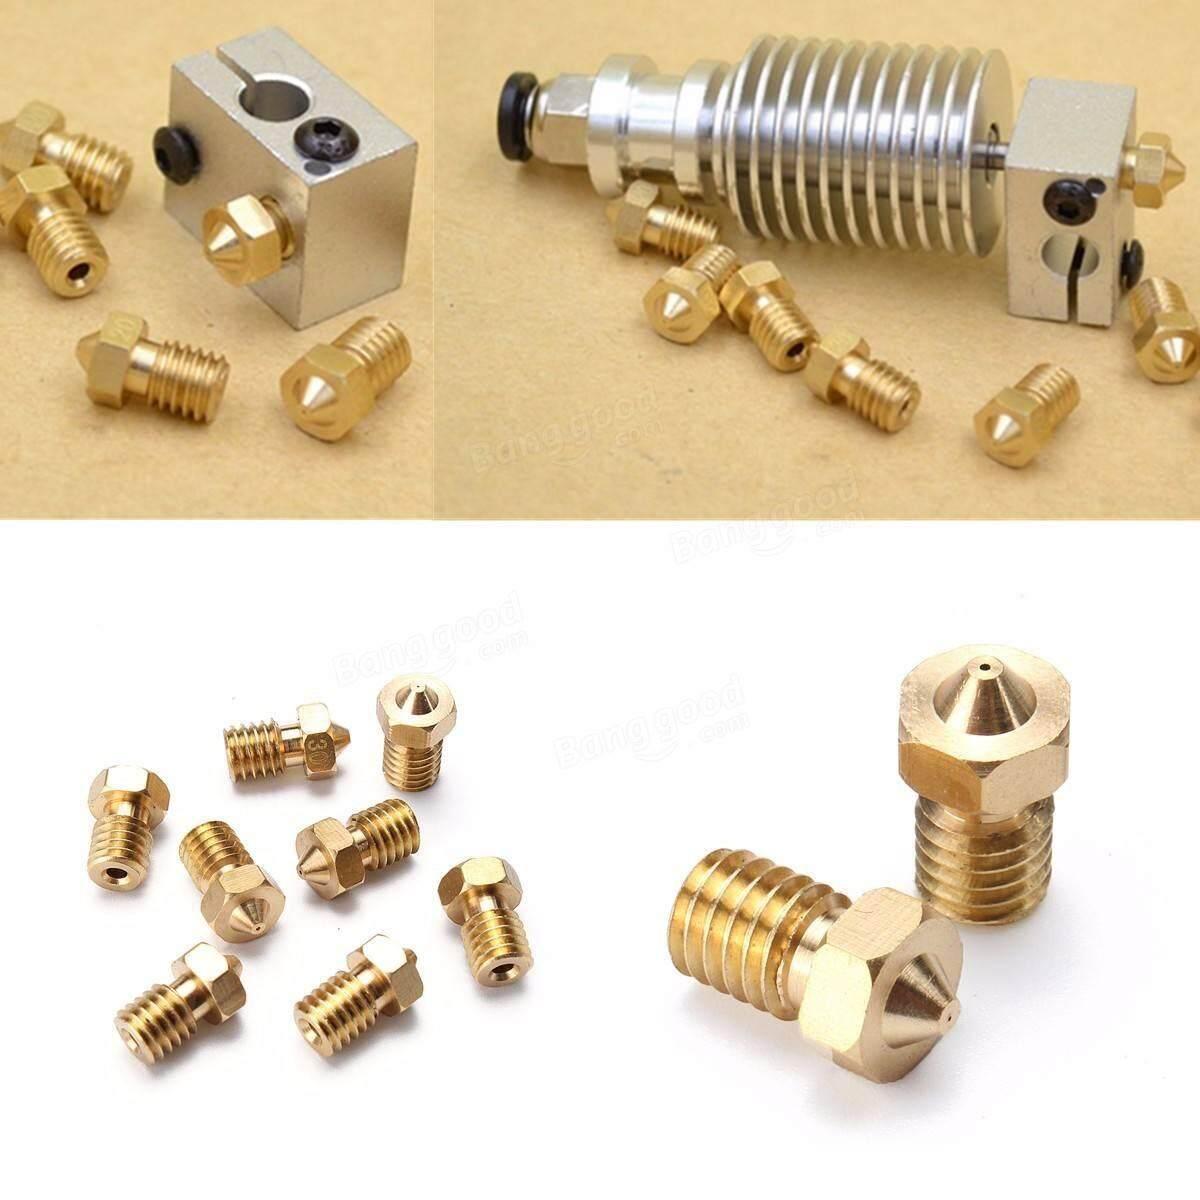 8 PCS 3D J-head Nozzle For 1.75 filament V6 Hotend Extruder Reprap Printer parts